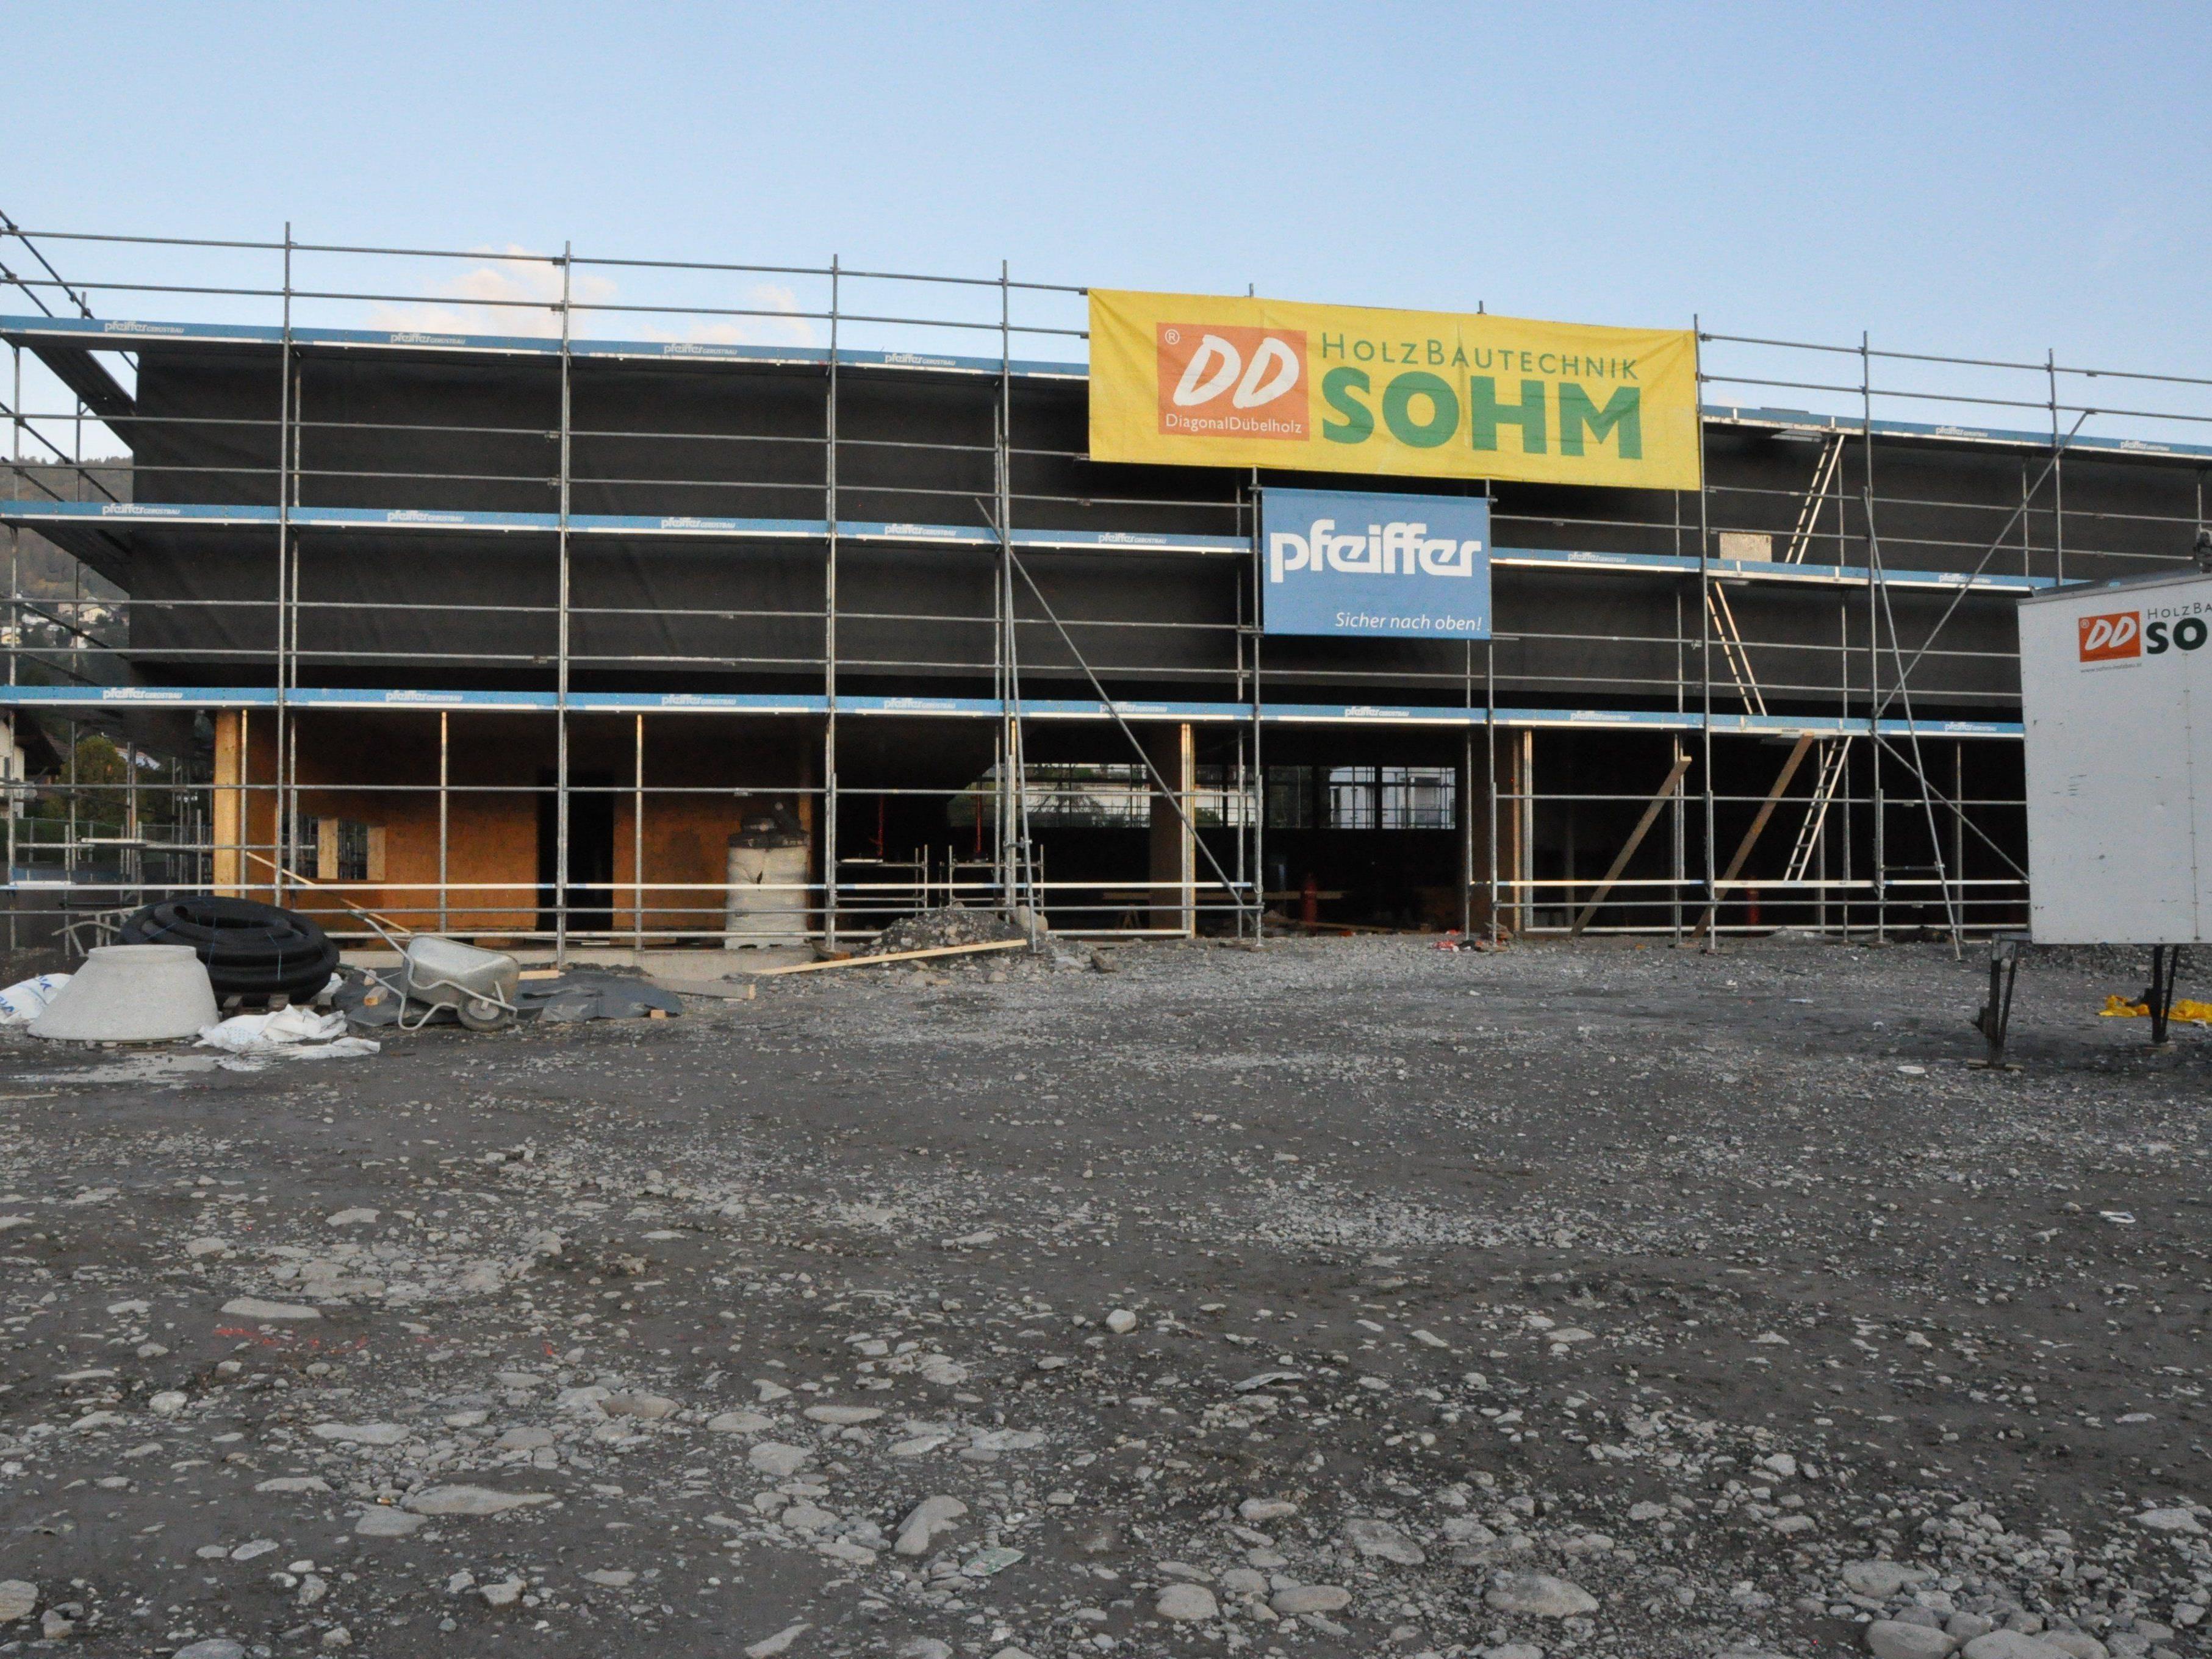 Der Rohbau des neuen Sutterlüty Marktes in Rankweil steht.